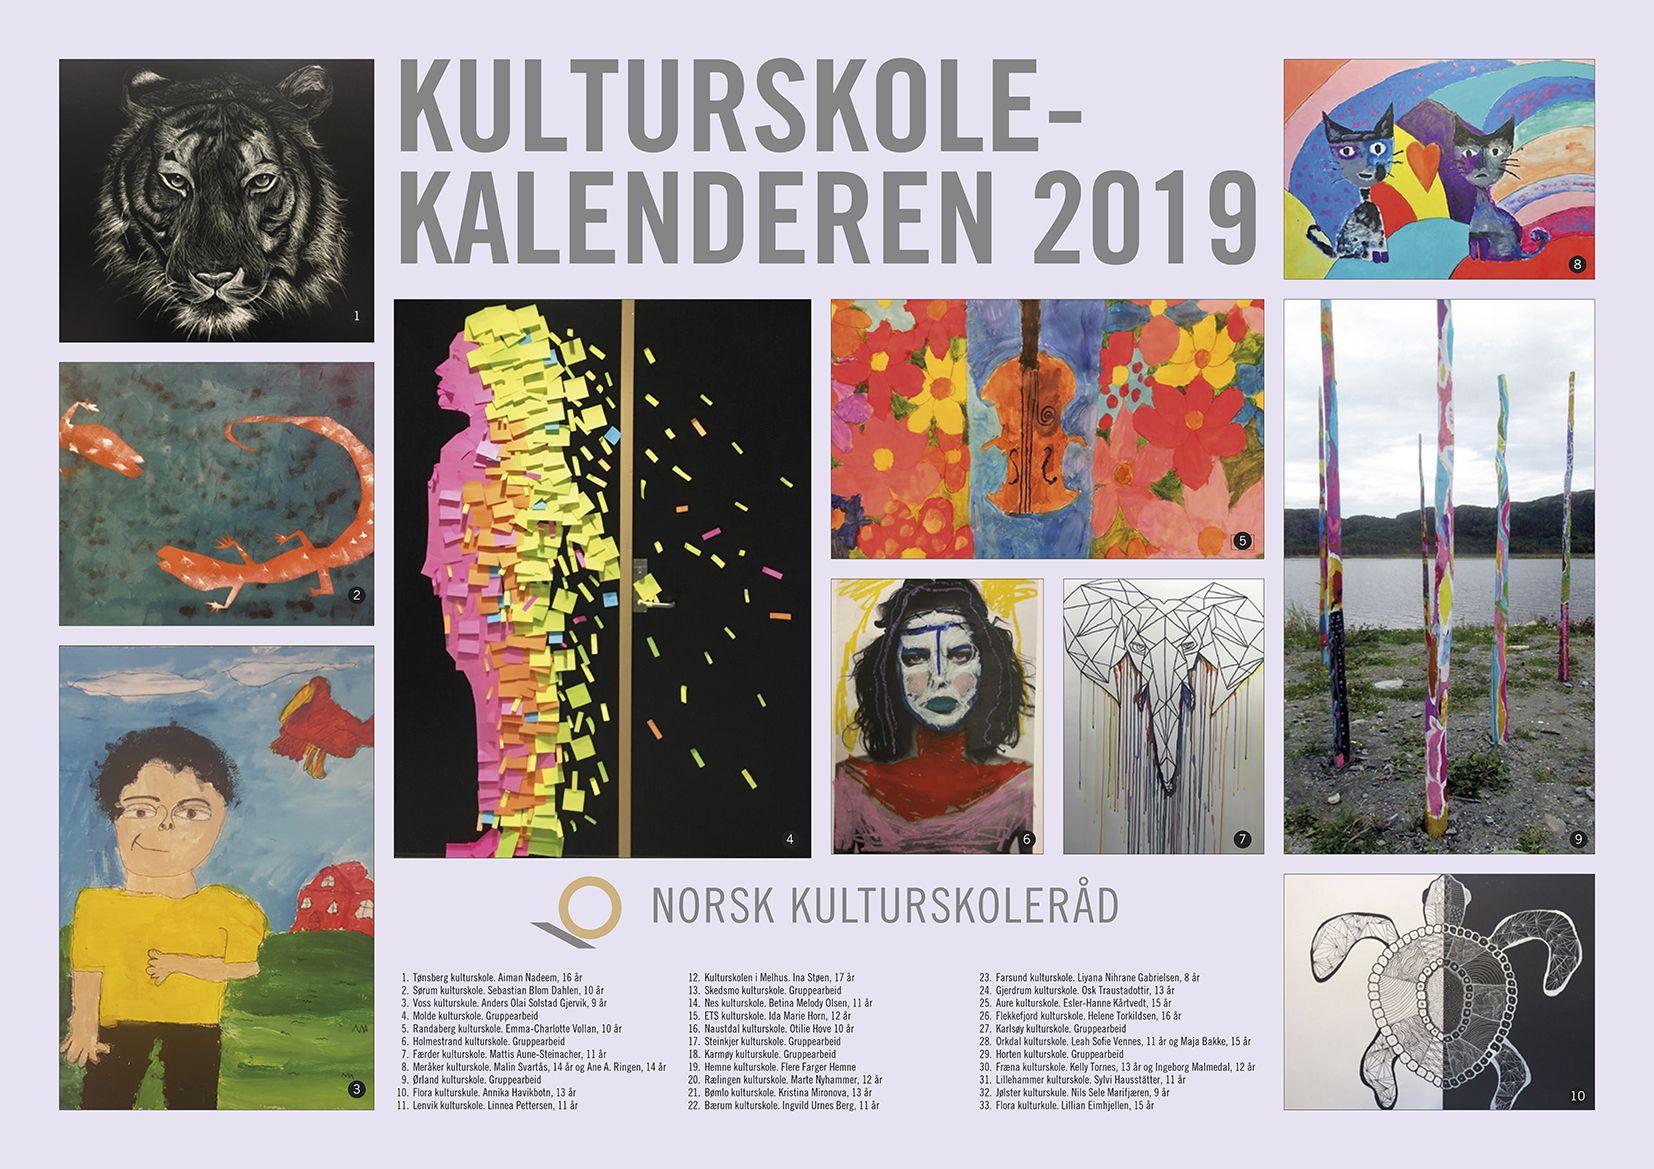 2018 Kalenderen 2019 19.11.jpg